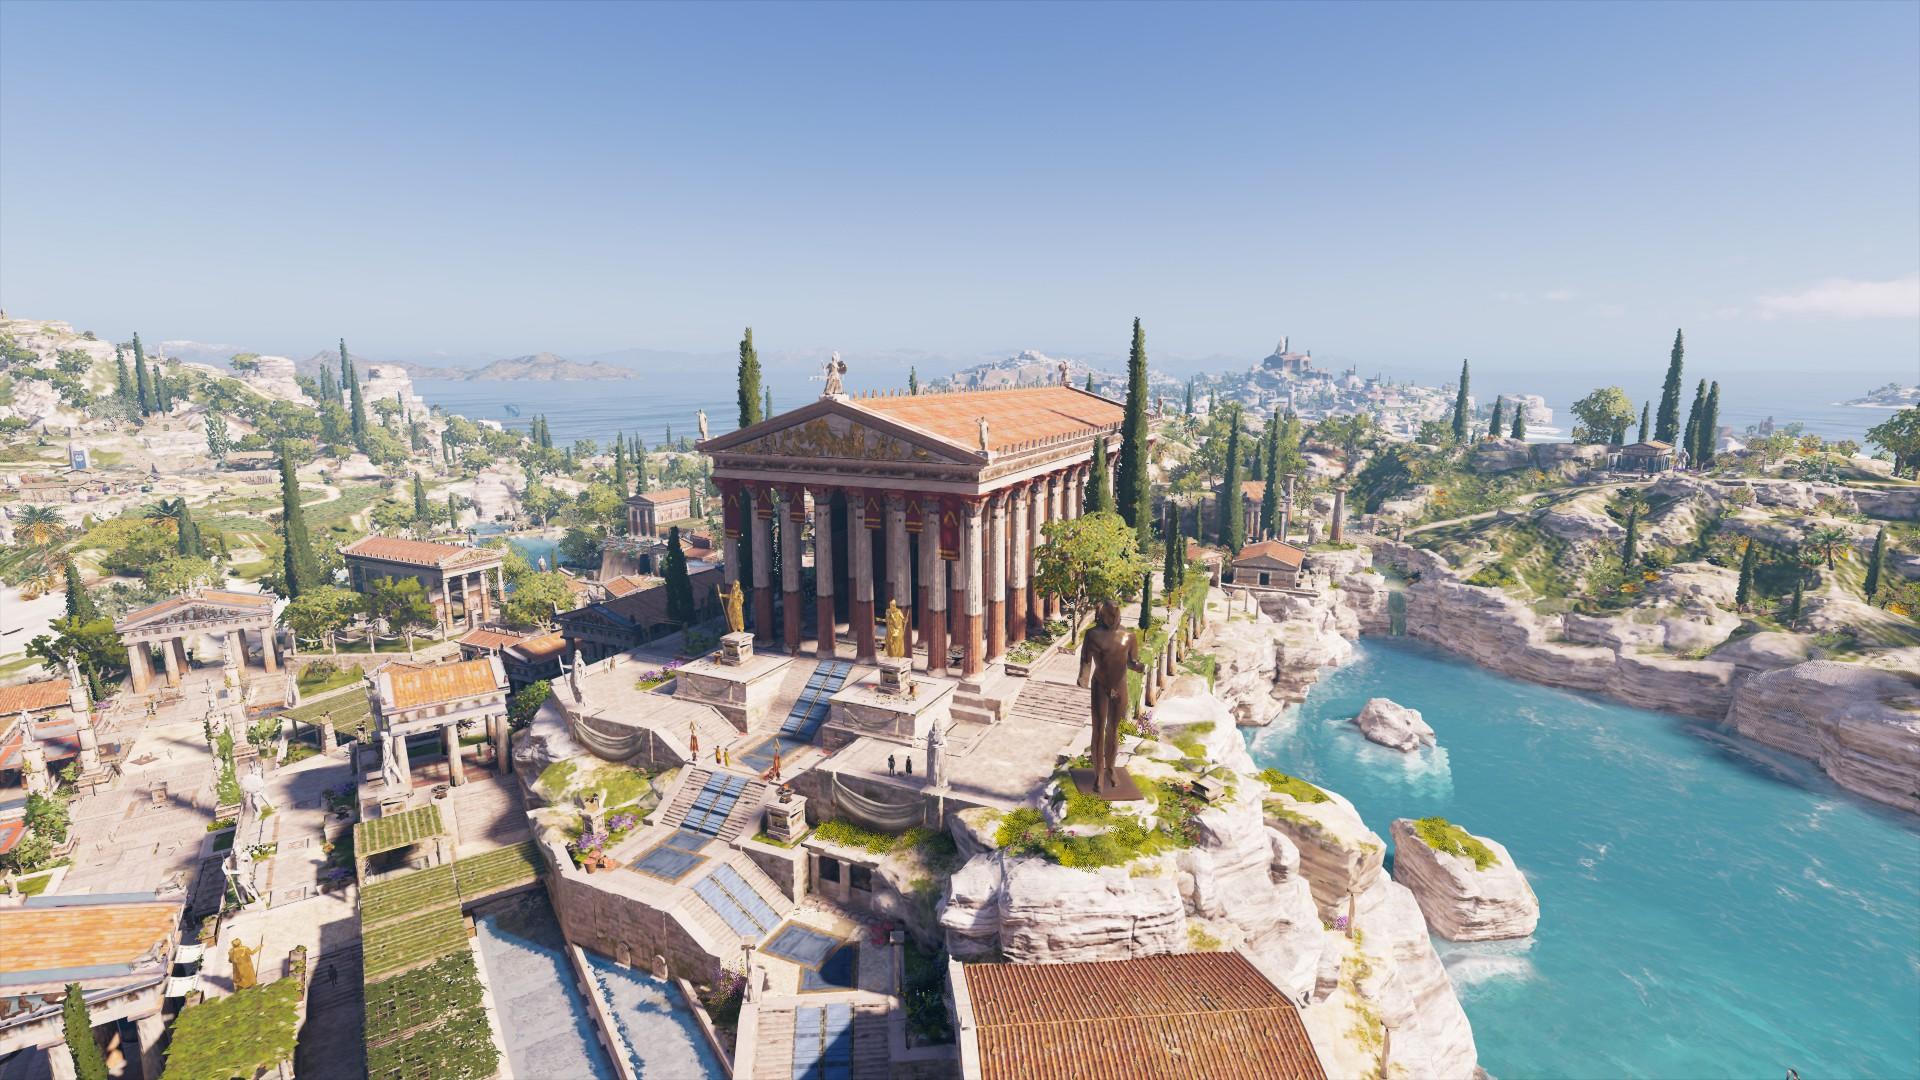 Grand Temple of Apollo